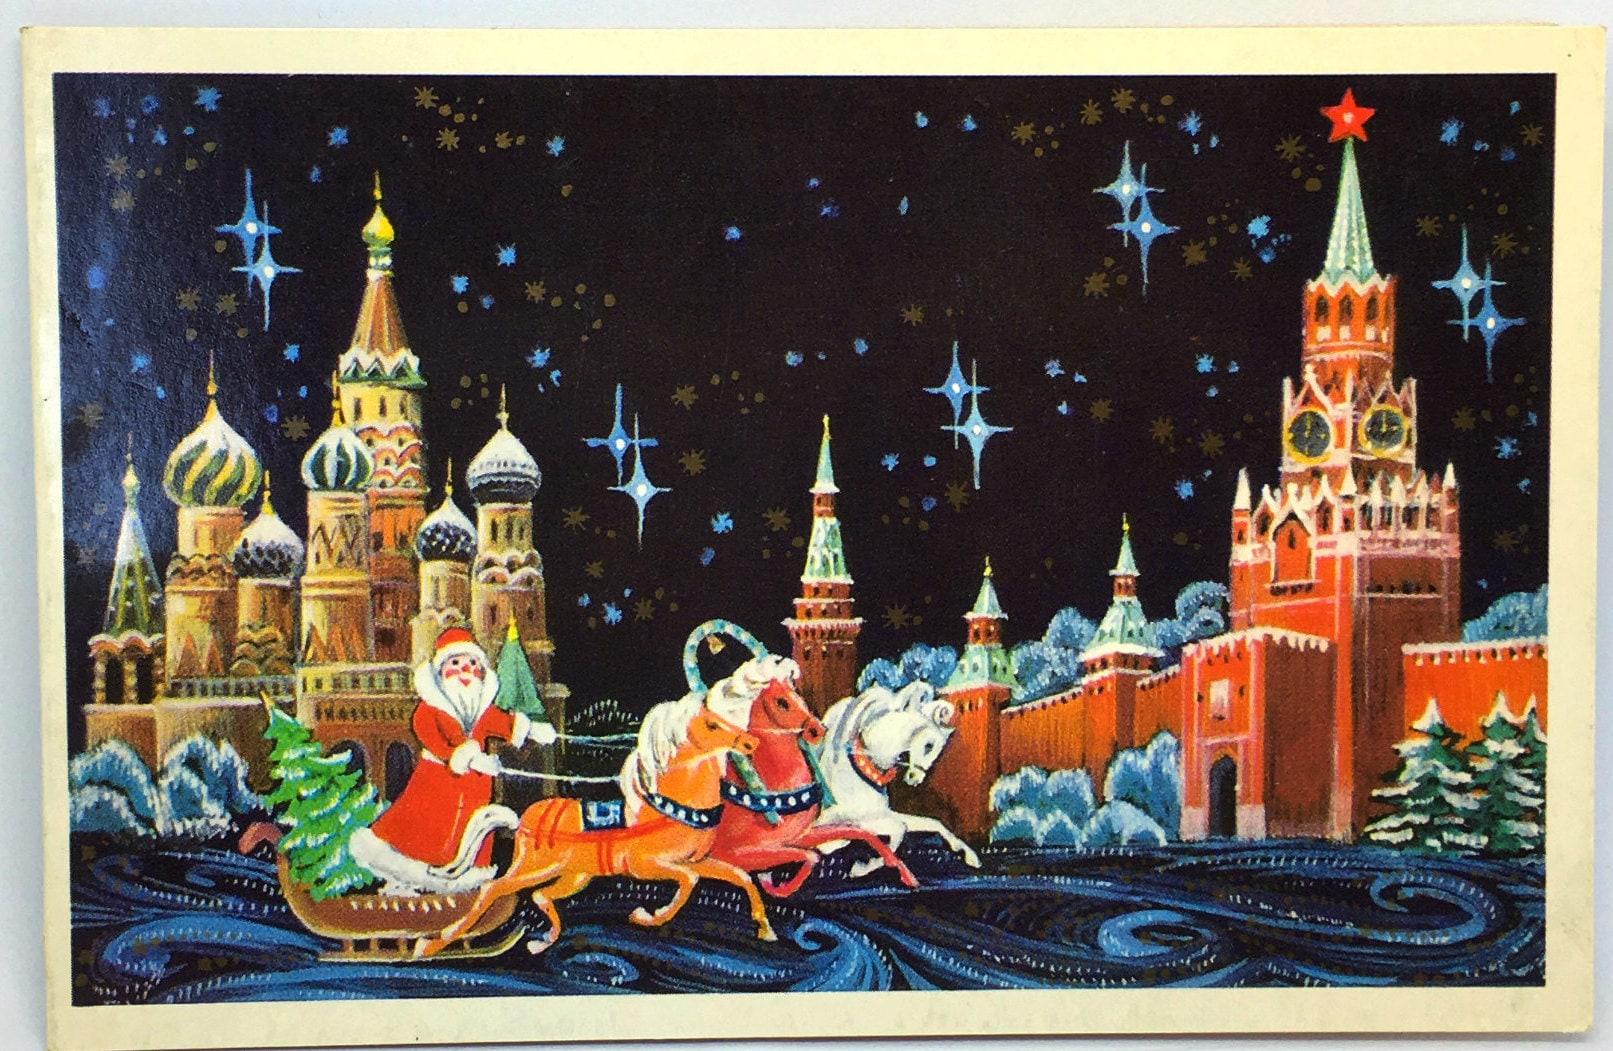 Weihnachtspostkarte Santa Claus auf Weihnachten Glöckchen mit